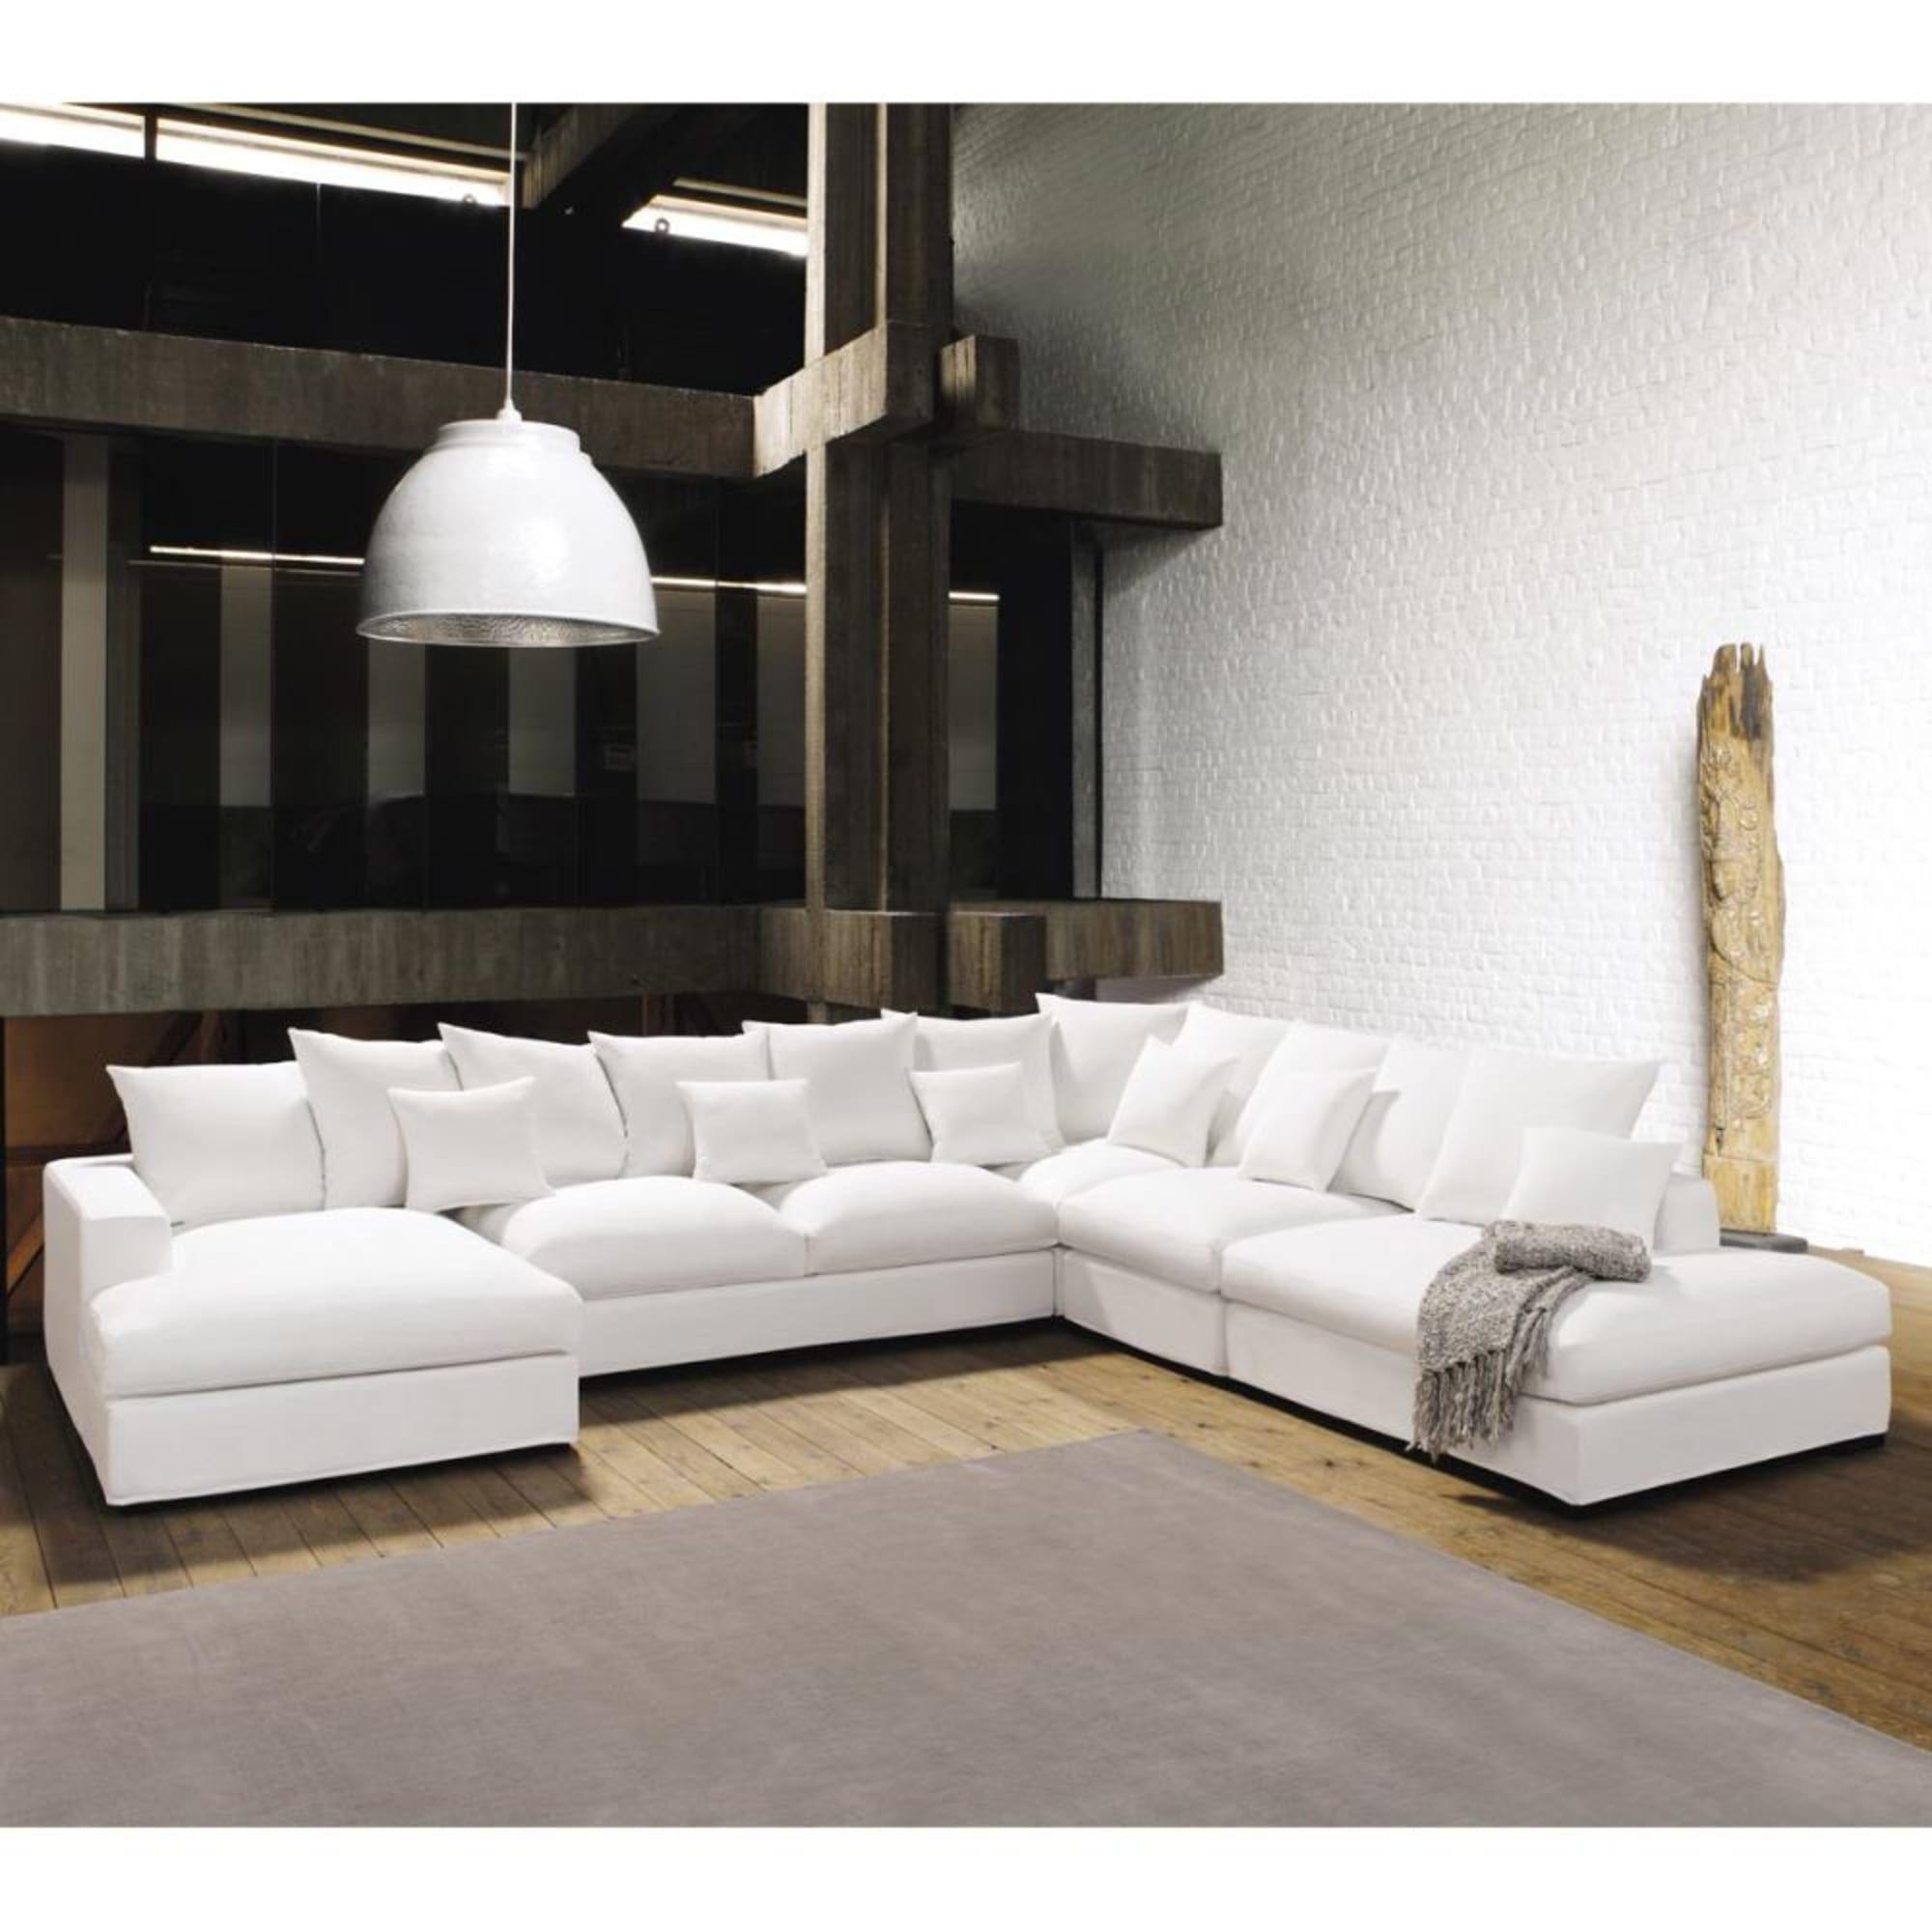 7 Seater Cotton Modular Corner Sofa In Ivory Maisons Du Monde In 2020 White Corner Sofas Living Room Sofa Design Modular Corner Sofa